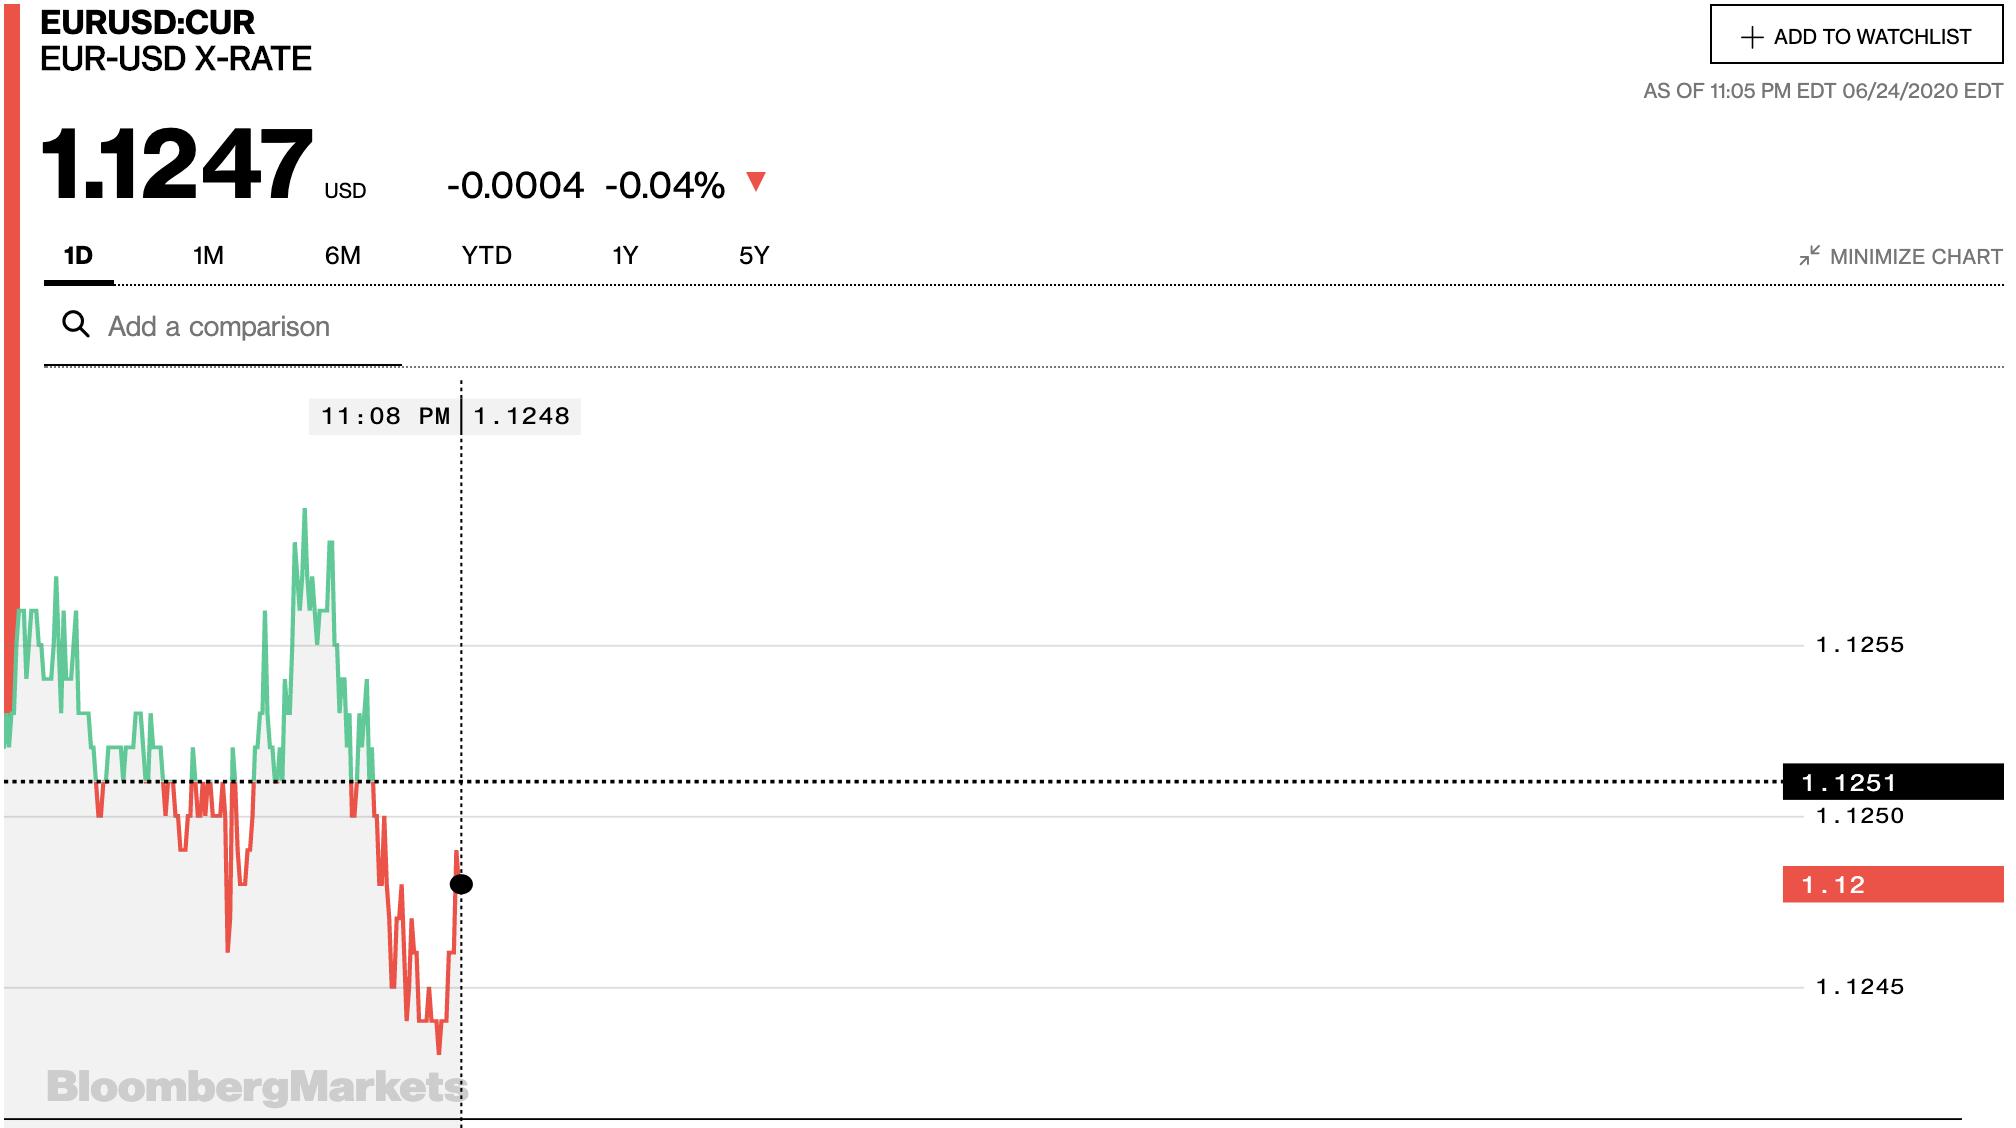 Tỷ giá euro hôm nay 25/6: Đồng loạt quay đầu giảm tại các ngân hàng trong nước - Ảnh 2.